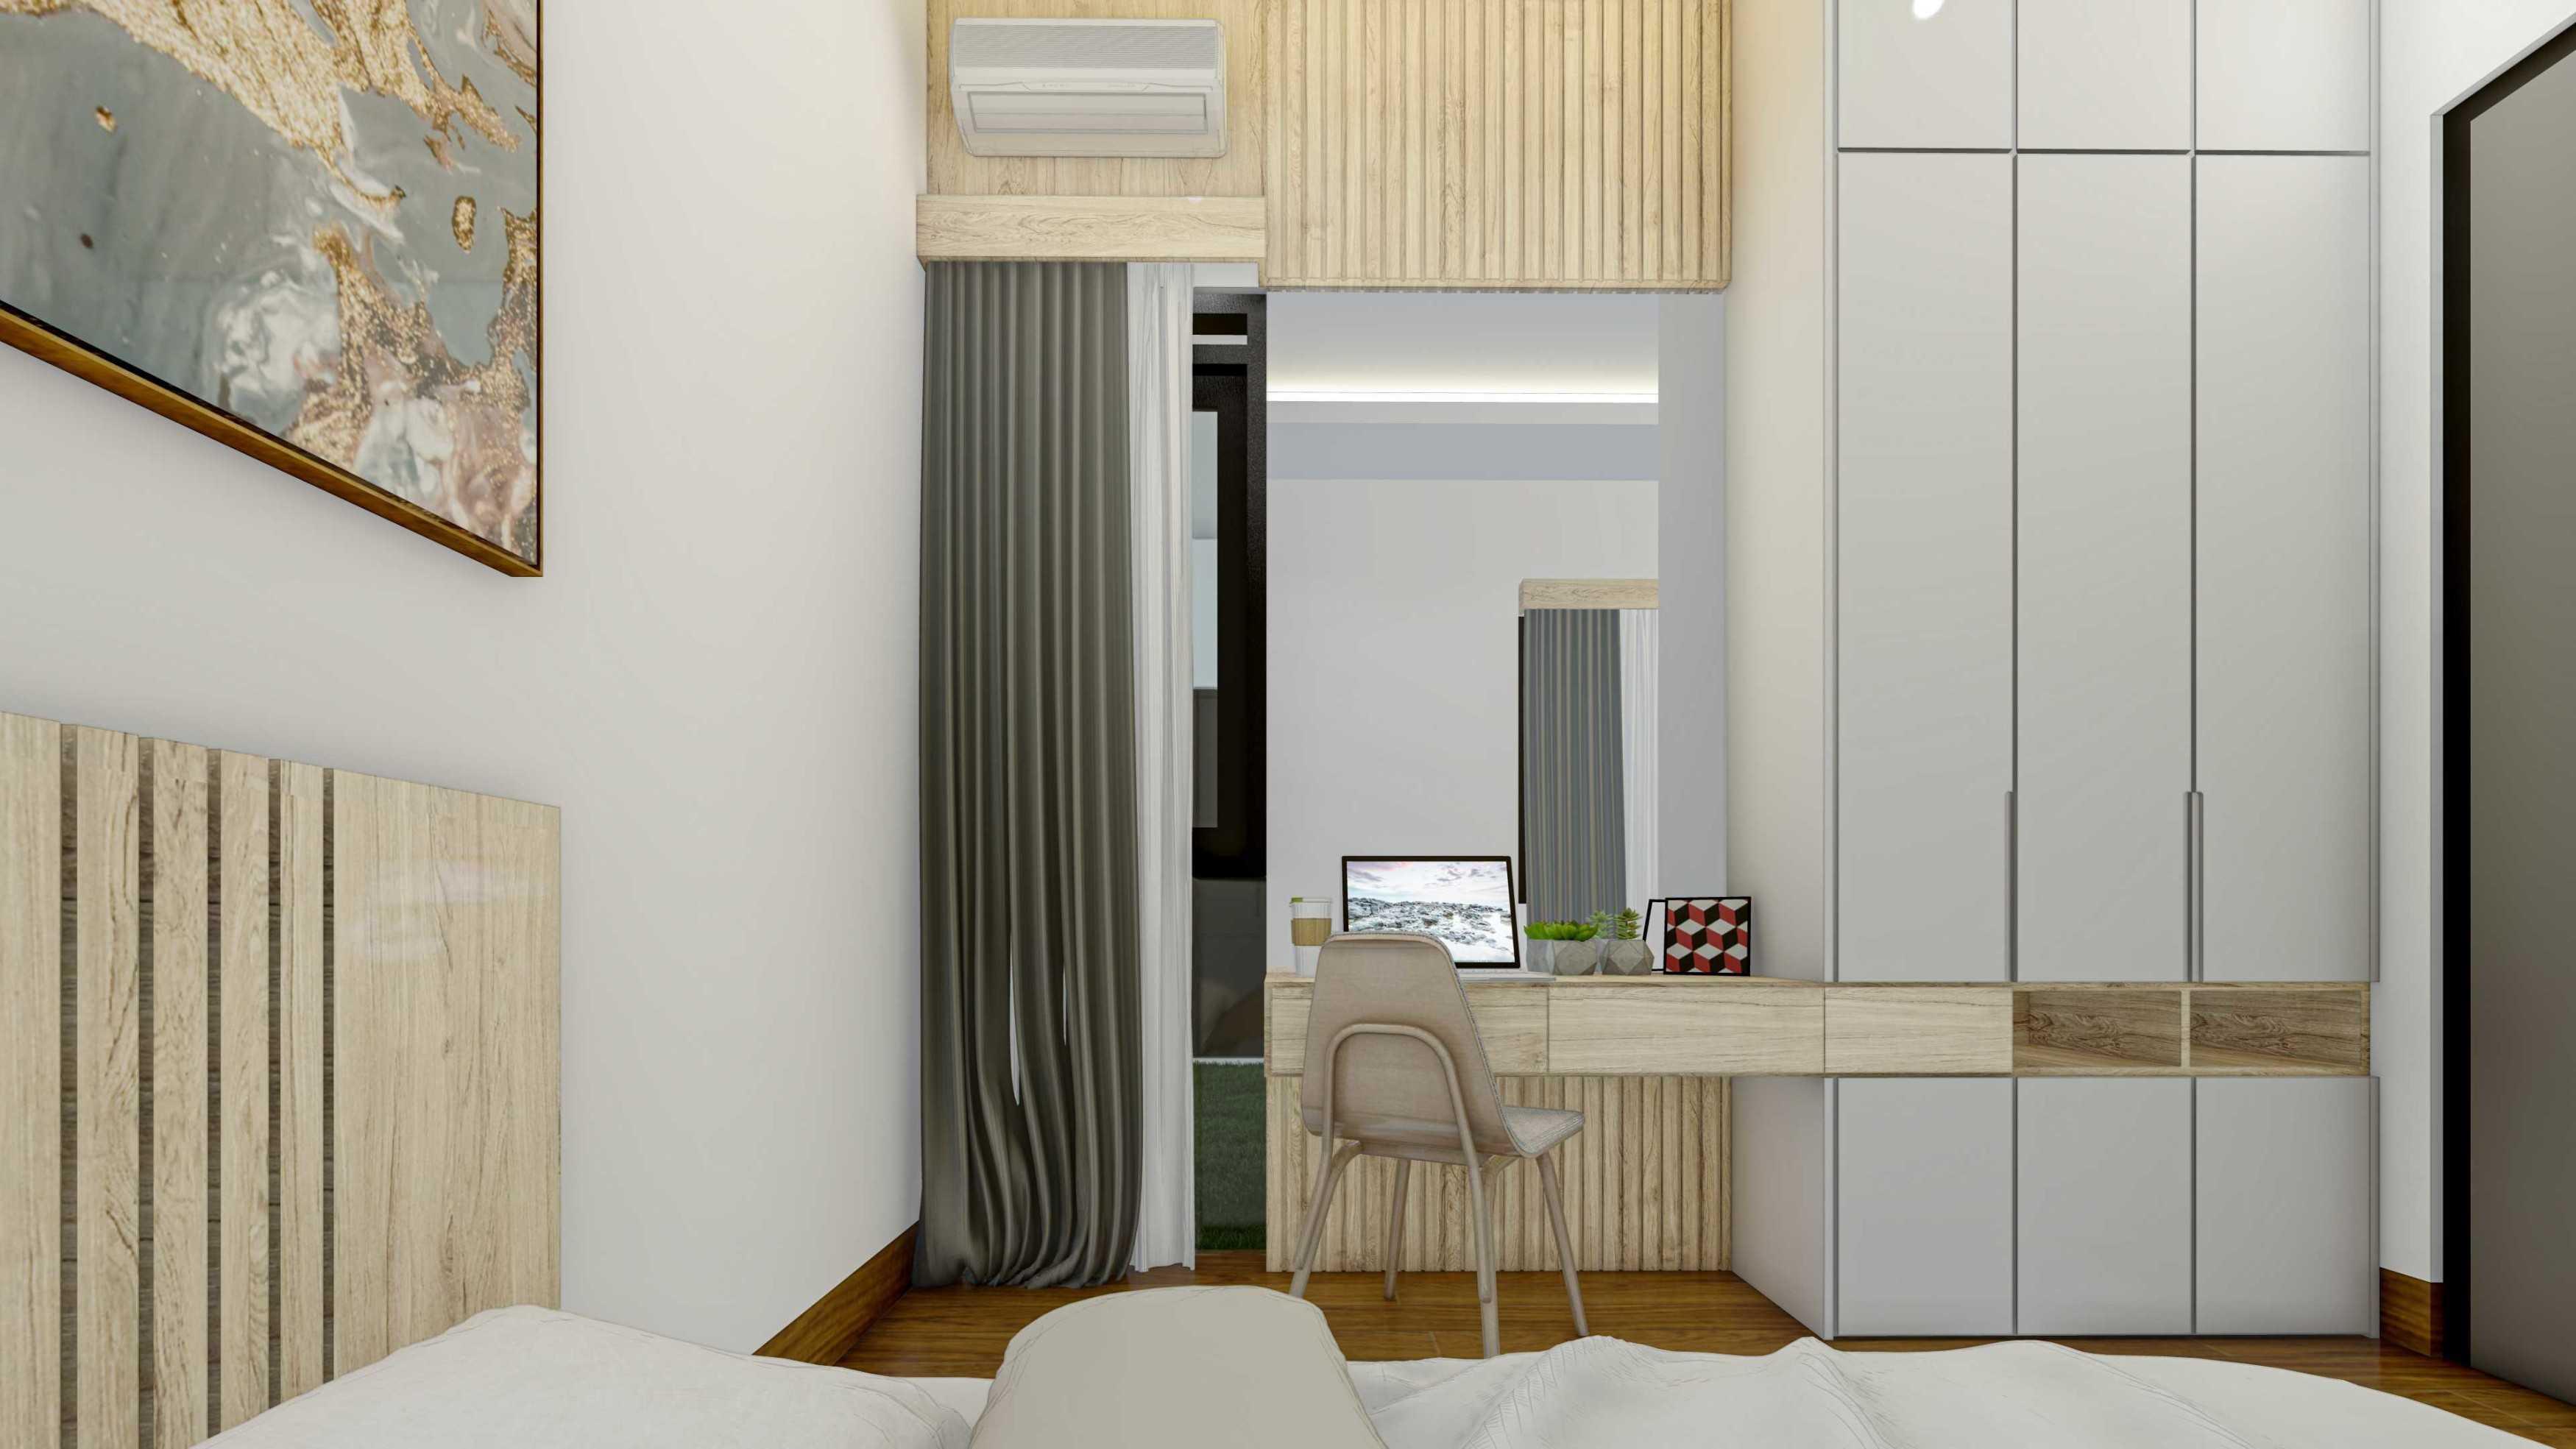 Iap Architect Ip House (Desain) Padang, Kota Padang, Sumatera Barat, Indonesia Padang, Kota Padang, Sumatera Barat, Indonesia Iap-Architect-Ip-House-Desain   127439